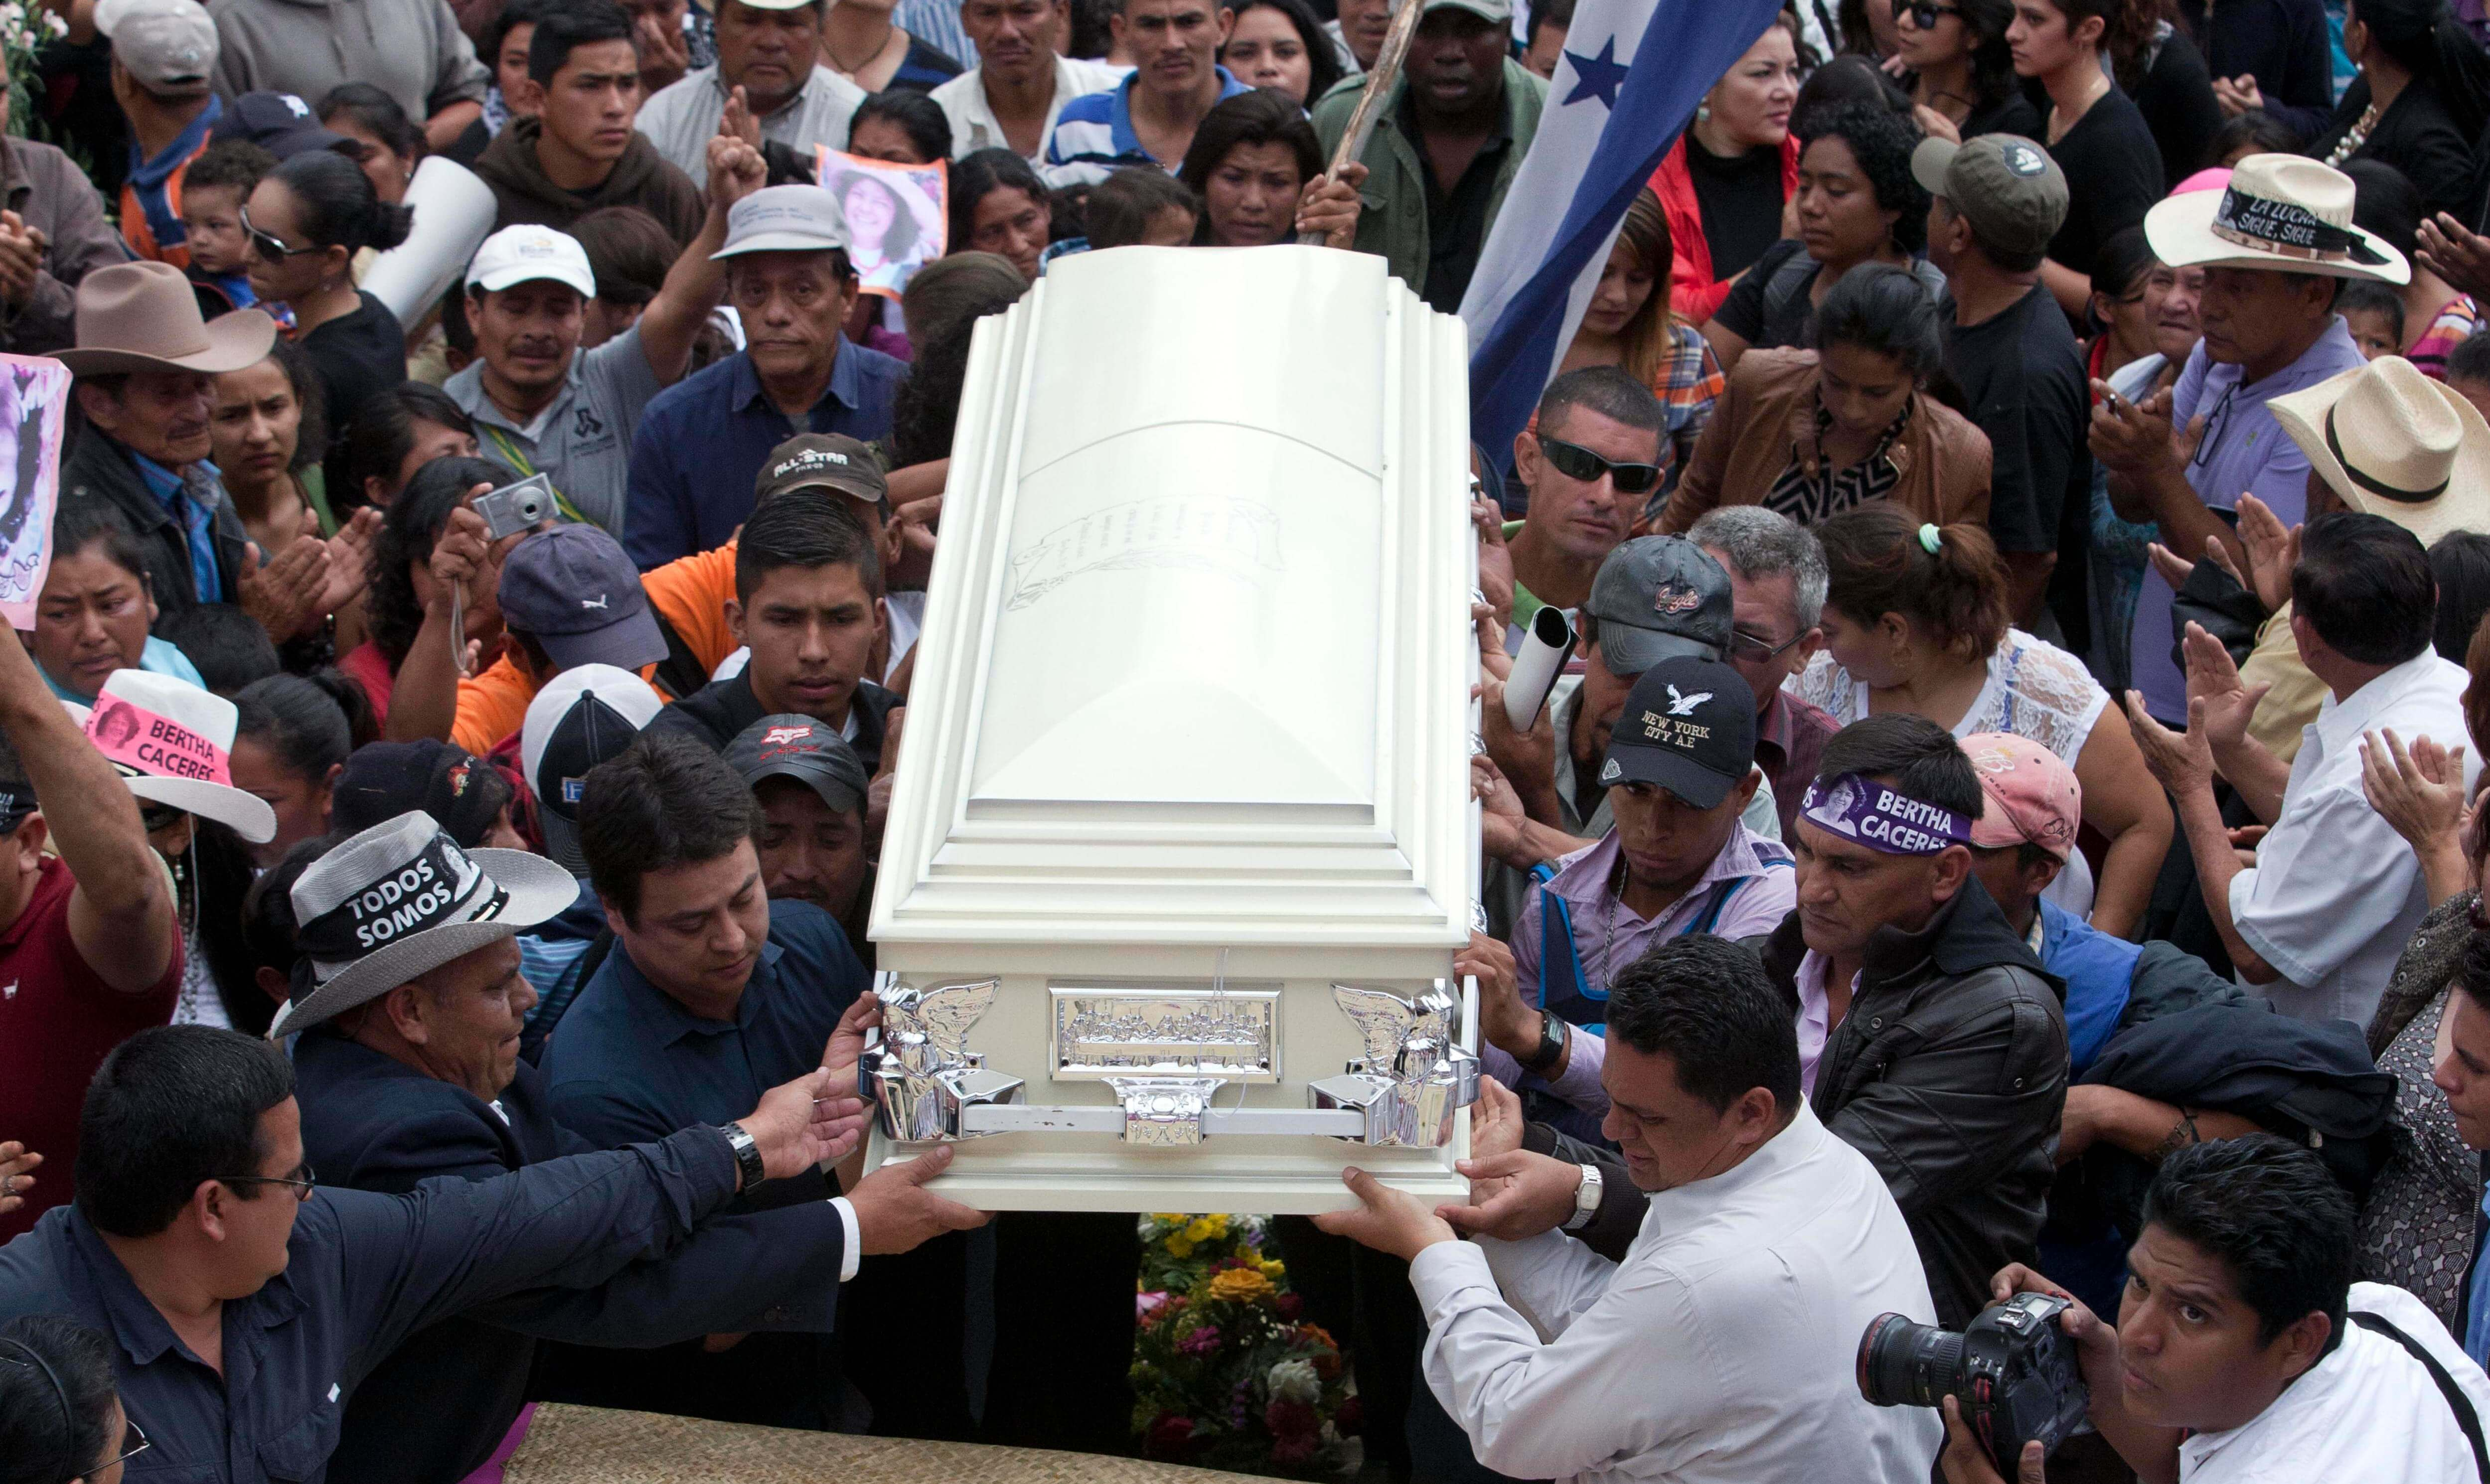 Foto: Agencia EFE / UN Venezuela